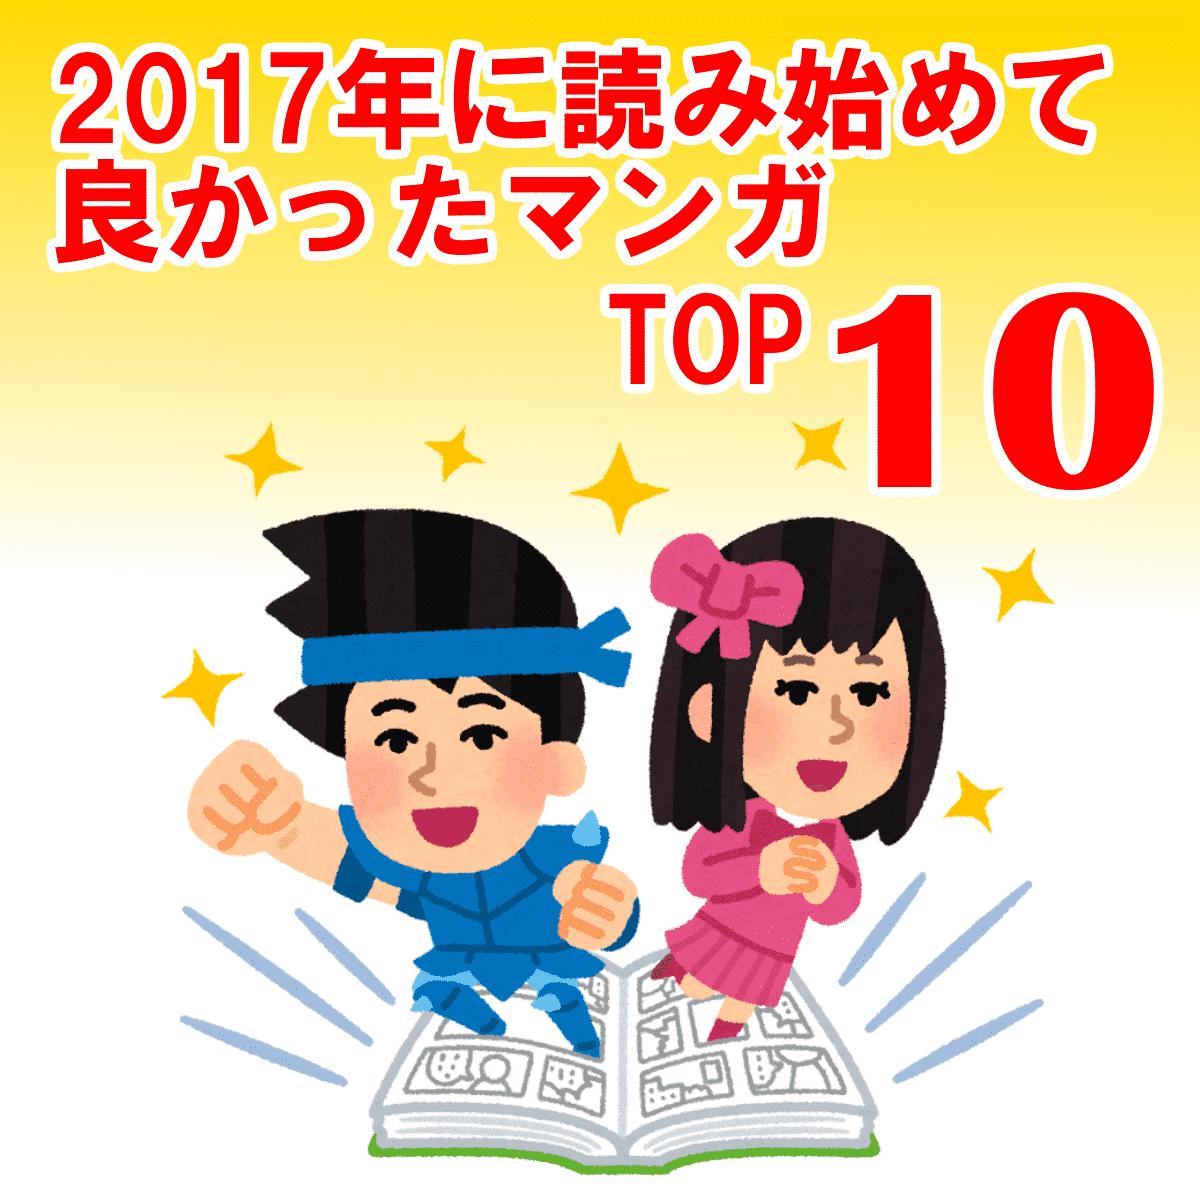 アイキャッチ:2017年に読み始めて良かったマンTOP10